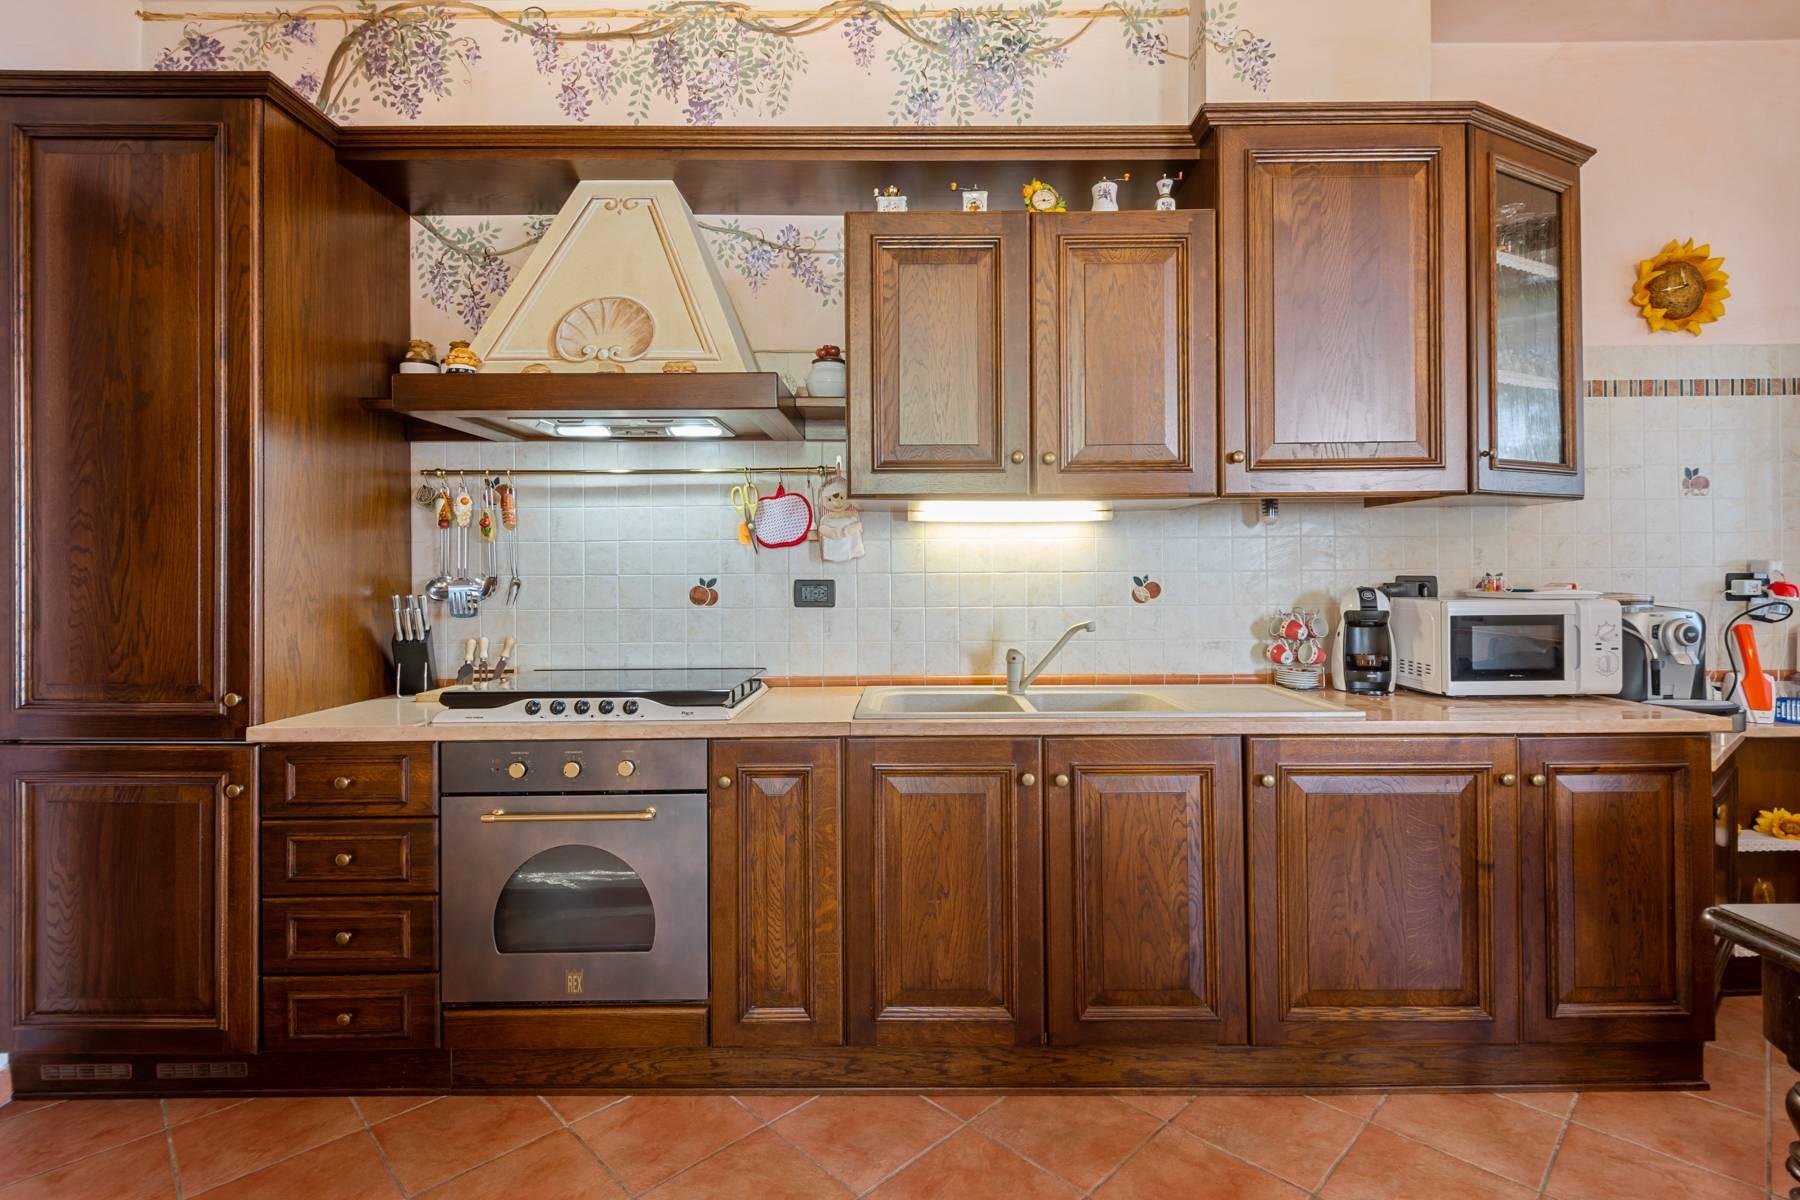 Casa indipendente in Vendita a Toscolano-Maderno: 4 locali, 76 mq - Foto 6